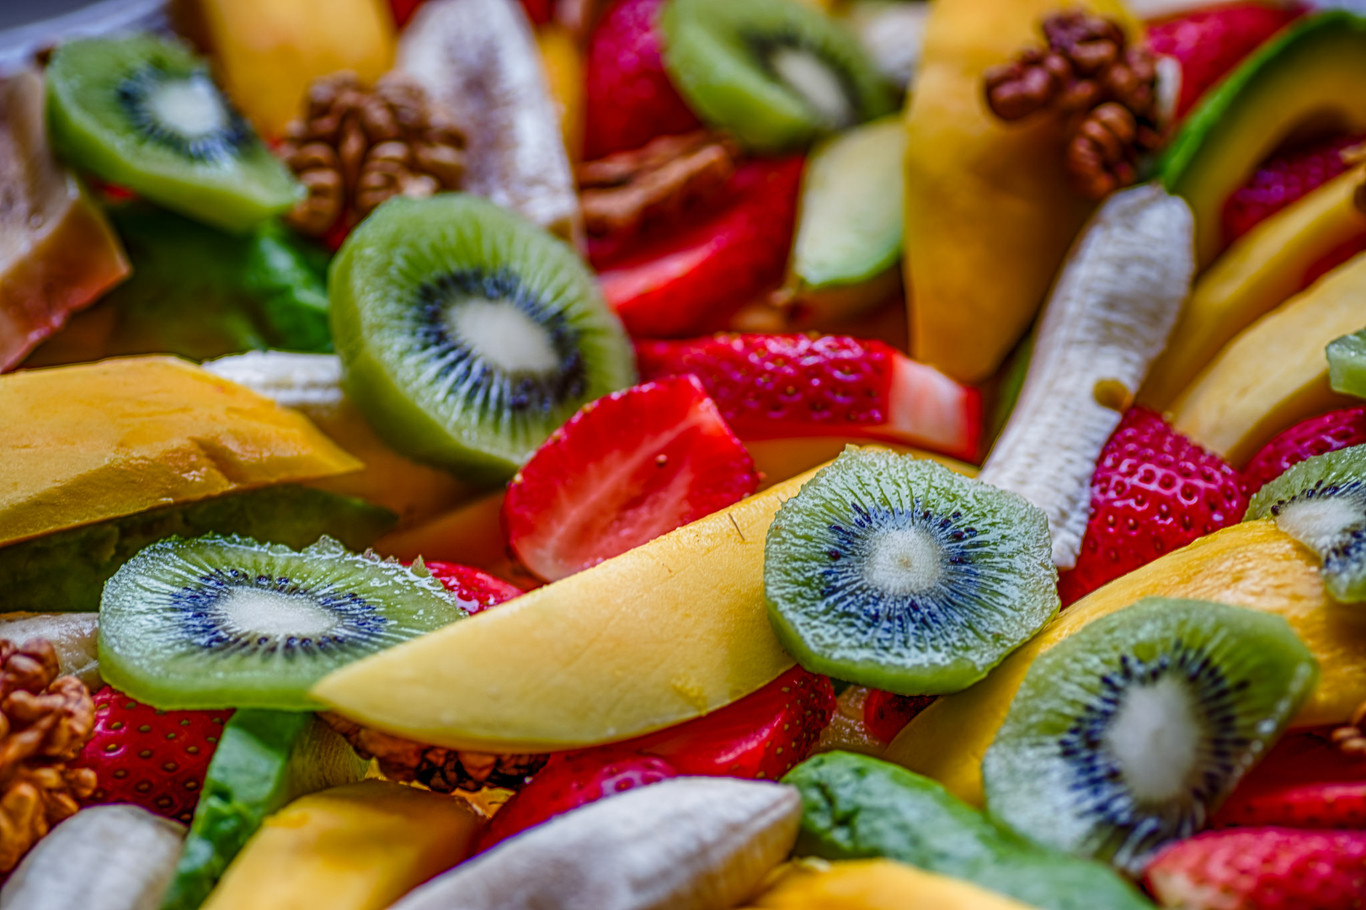 frases celebres sobre la alimentación saludable